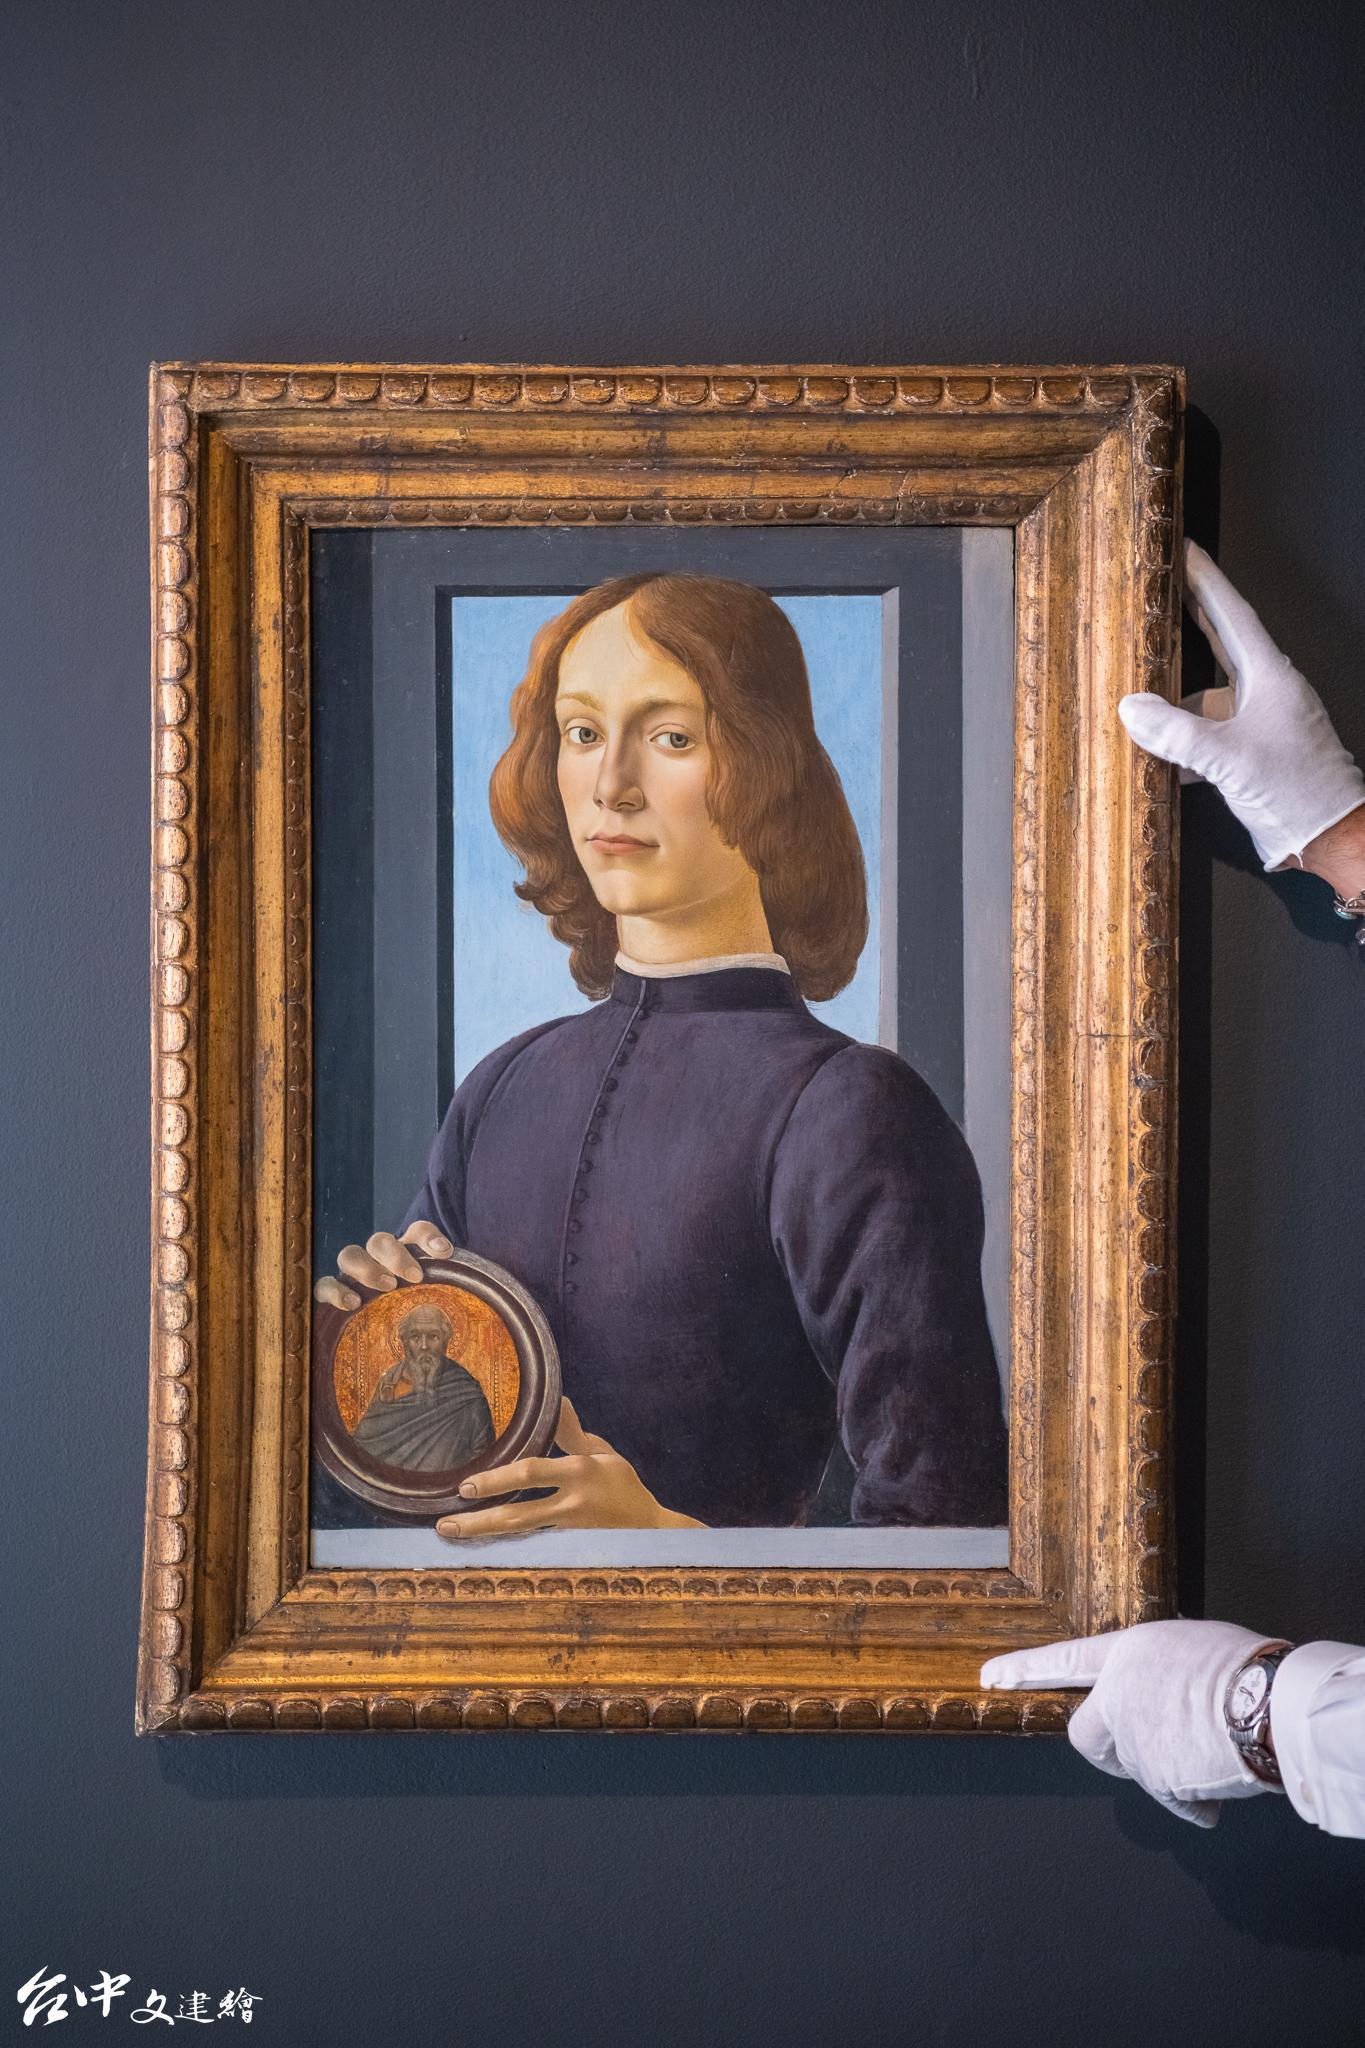 文藝復興大師波提且利《手持圓形聖像的年輕男子(Young Man Holding a Roundel)》在 2021 年 1 月以 9,220 萬美元成交,超過 25 億台幣,創下蘇富比西洋古典作品史上最高拍價,也是史上最貴的肖像畫。(圖:蘇富比)